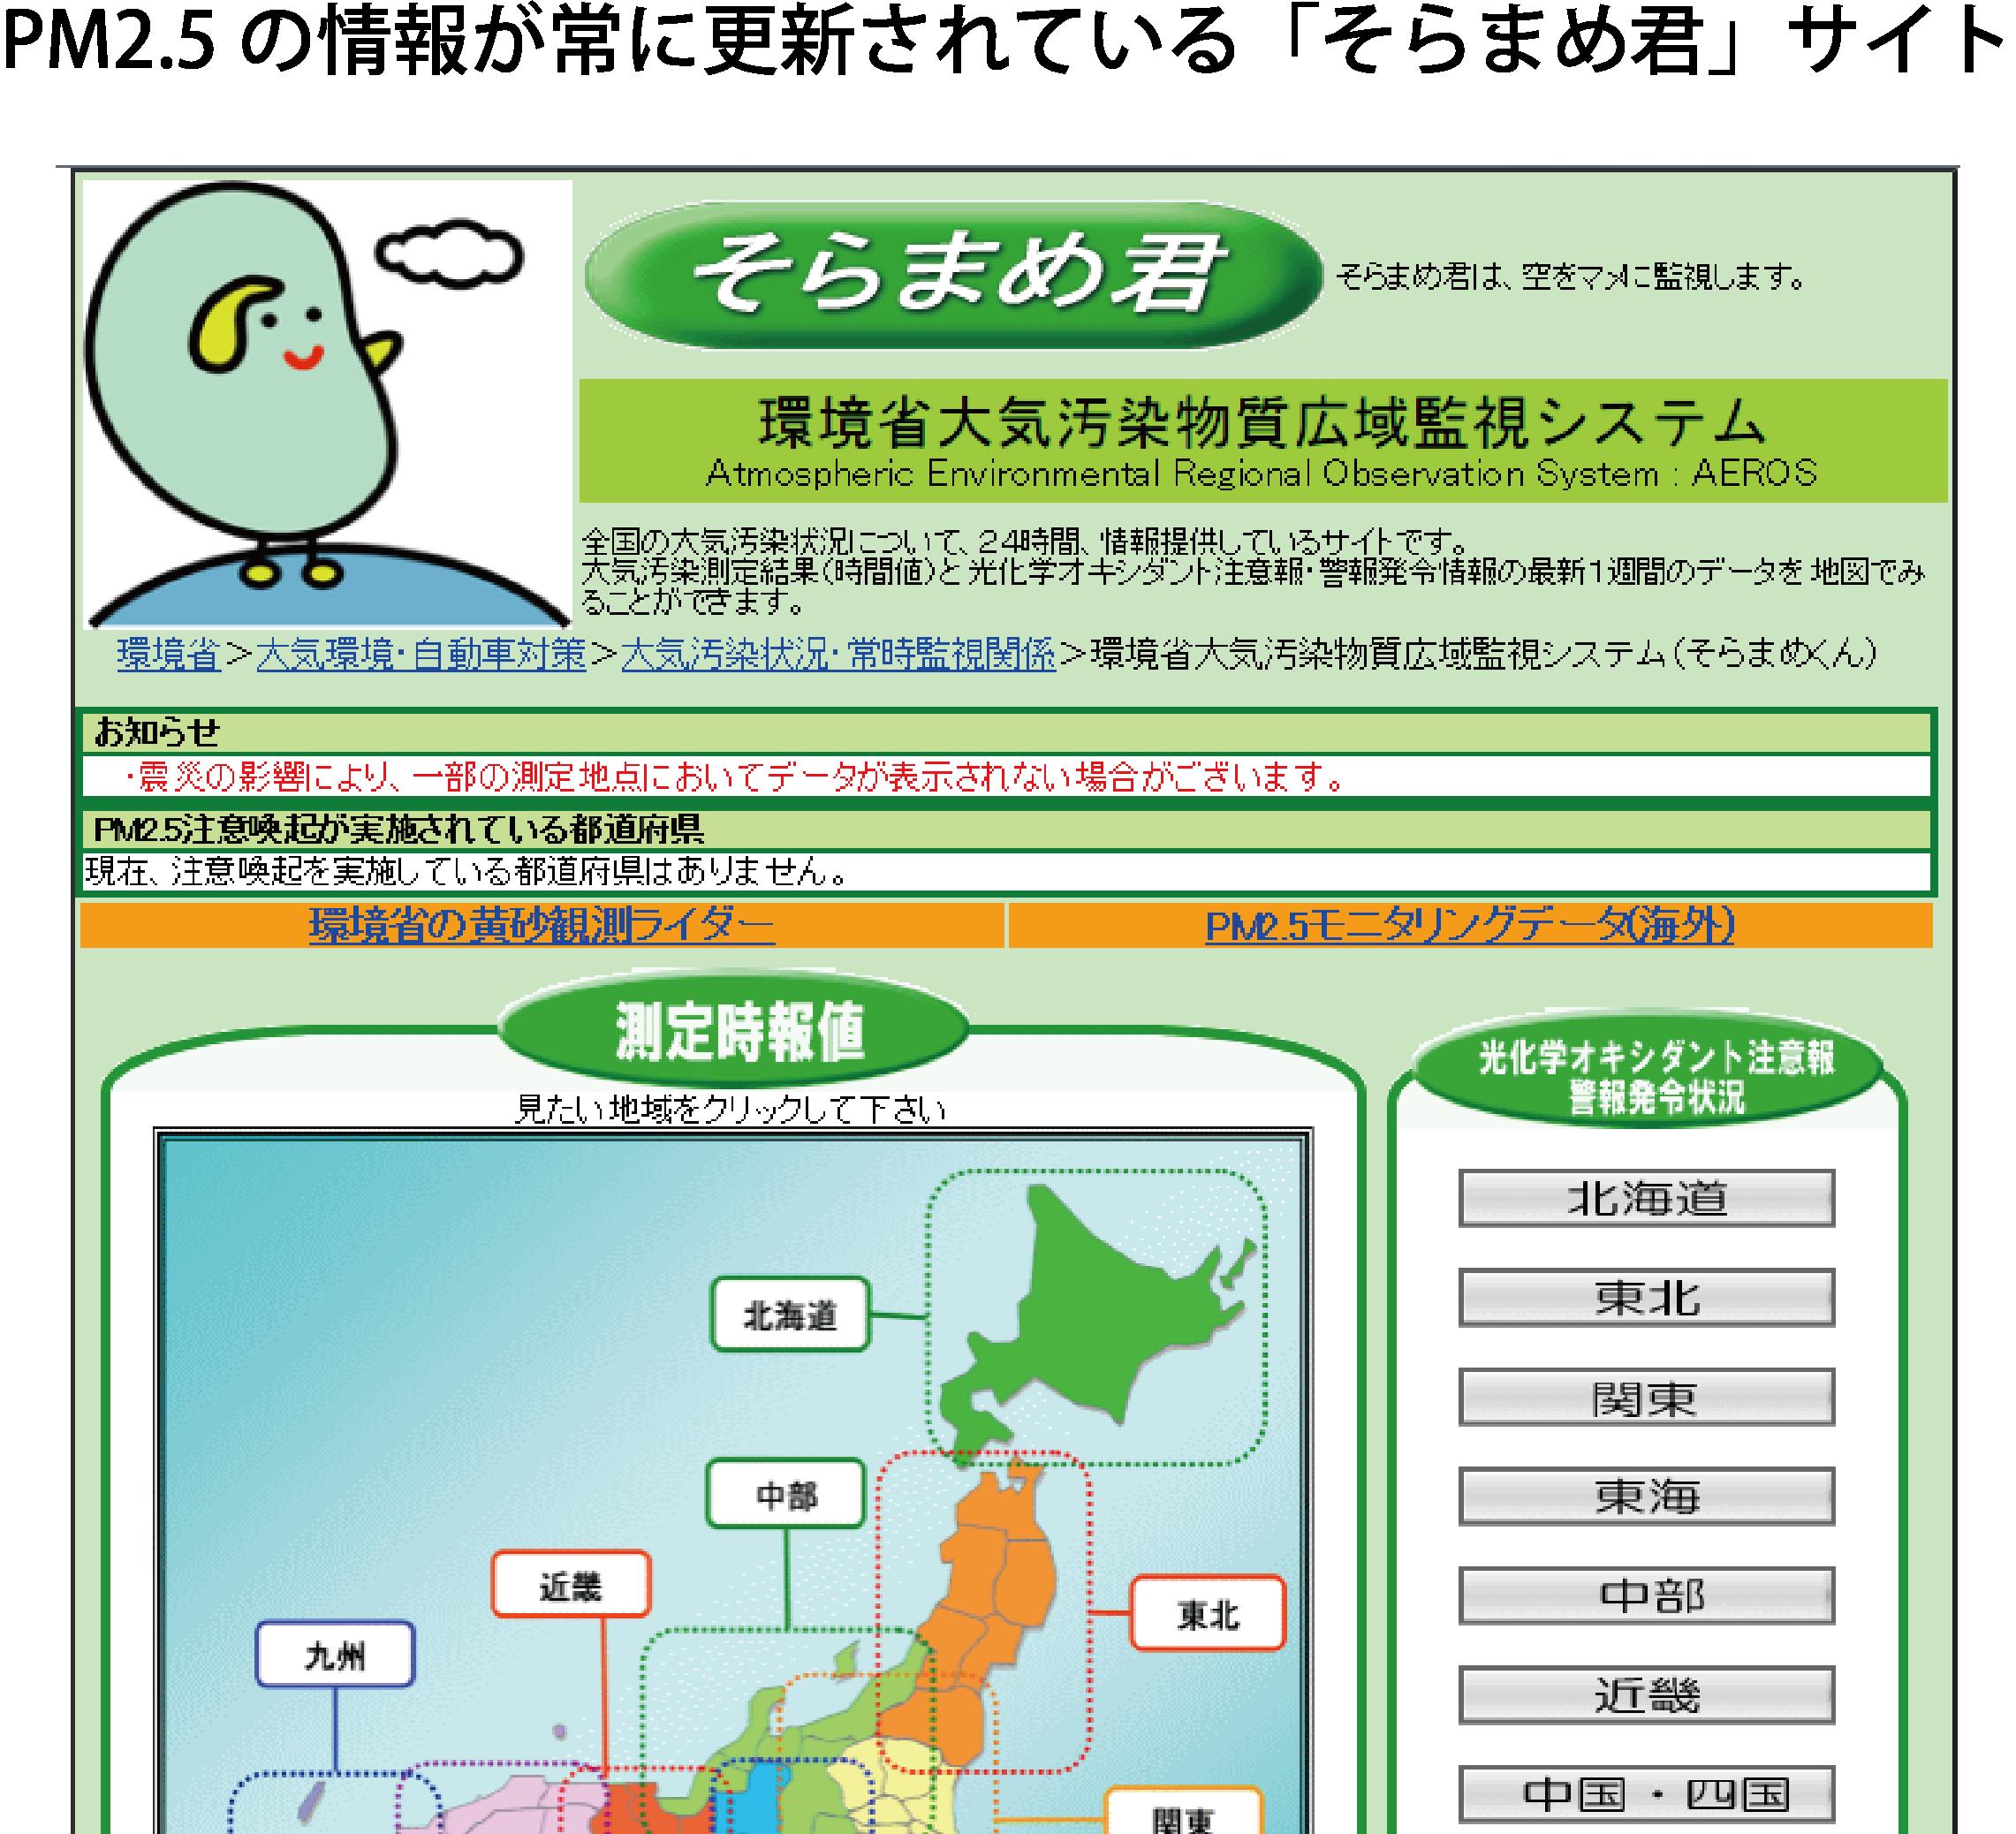 井上先生コラム6-1